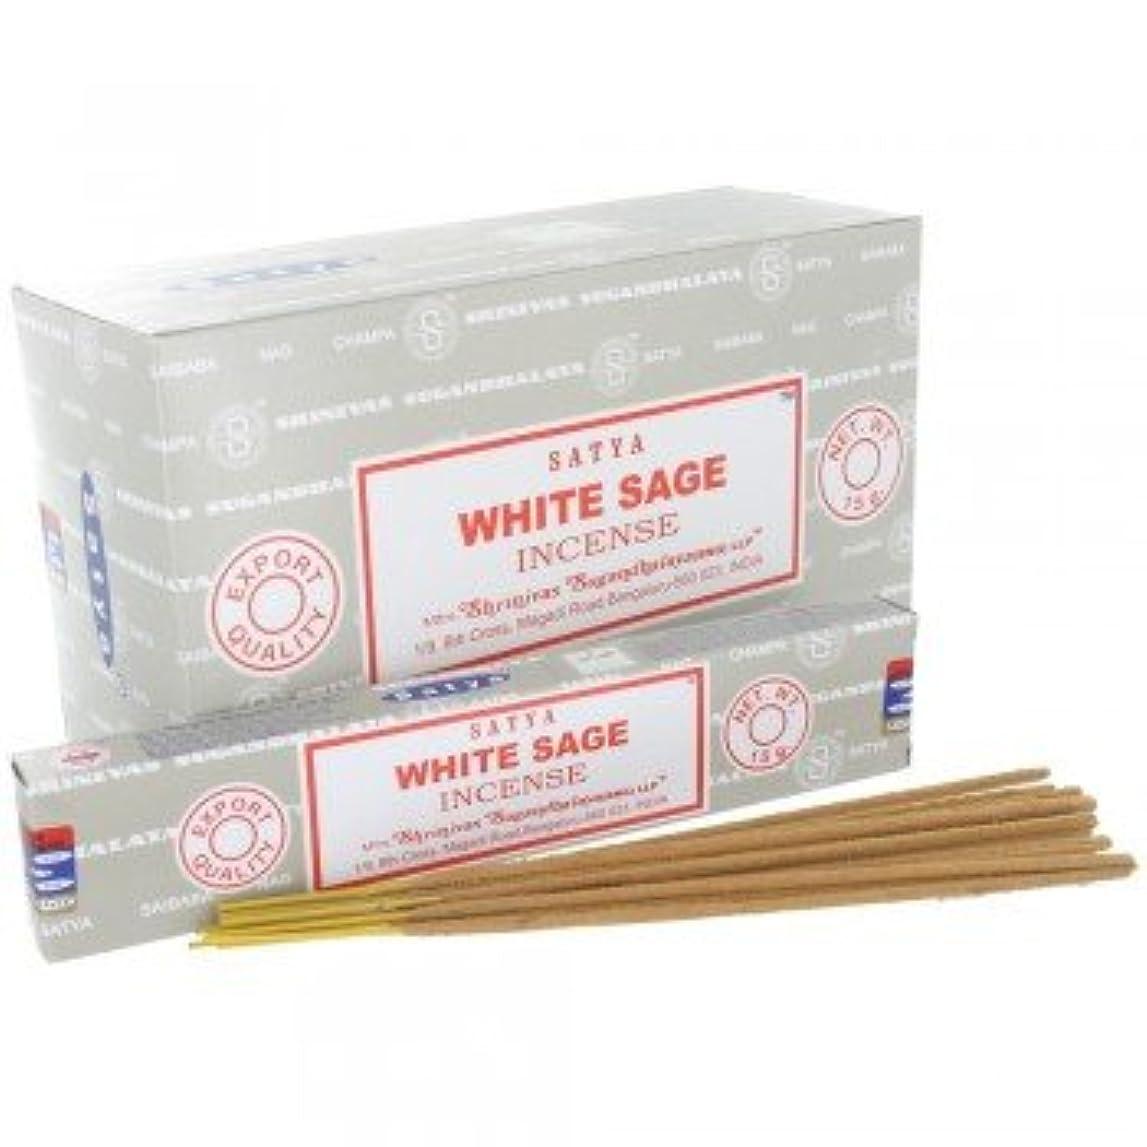 アプローチかまど丈夫SATYA WHITE SAGE ホワイトセージ 聖なる樹 浄化 お香 スティック 約15g入 (1個) [並行輸入品]